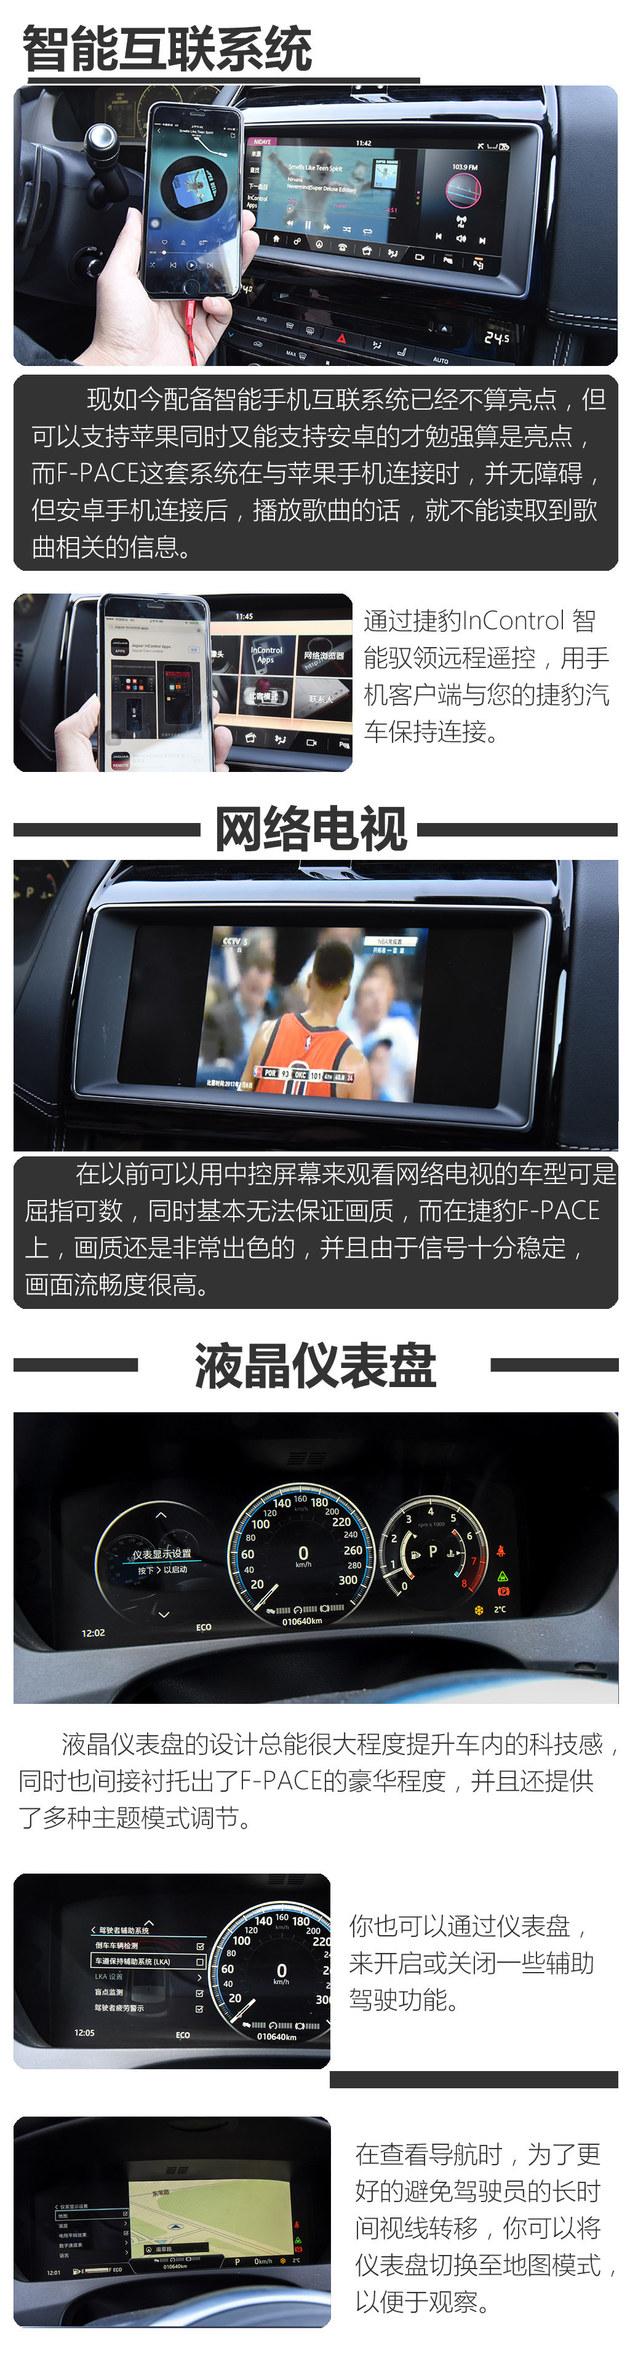 捷豹F-PACE多媒体系统体验 电视画质出色